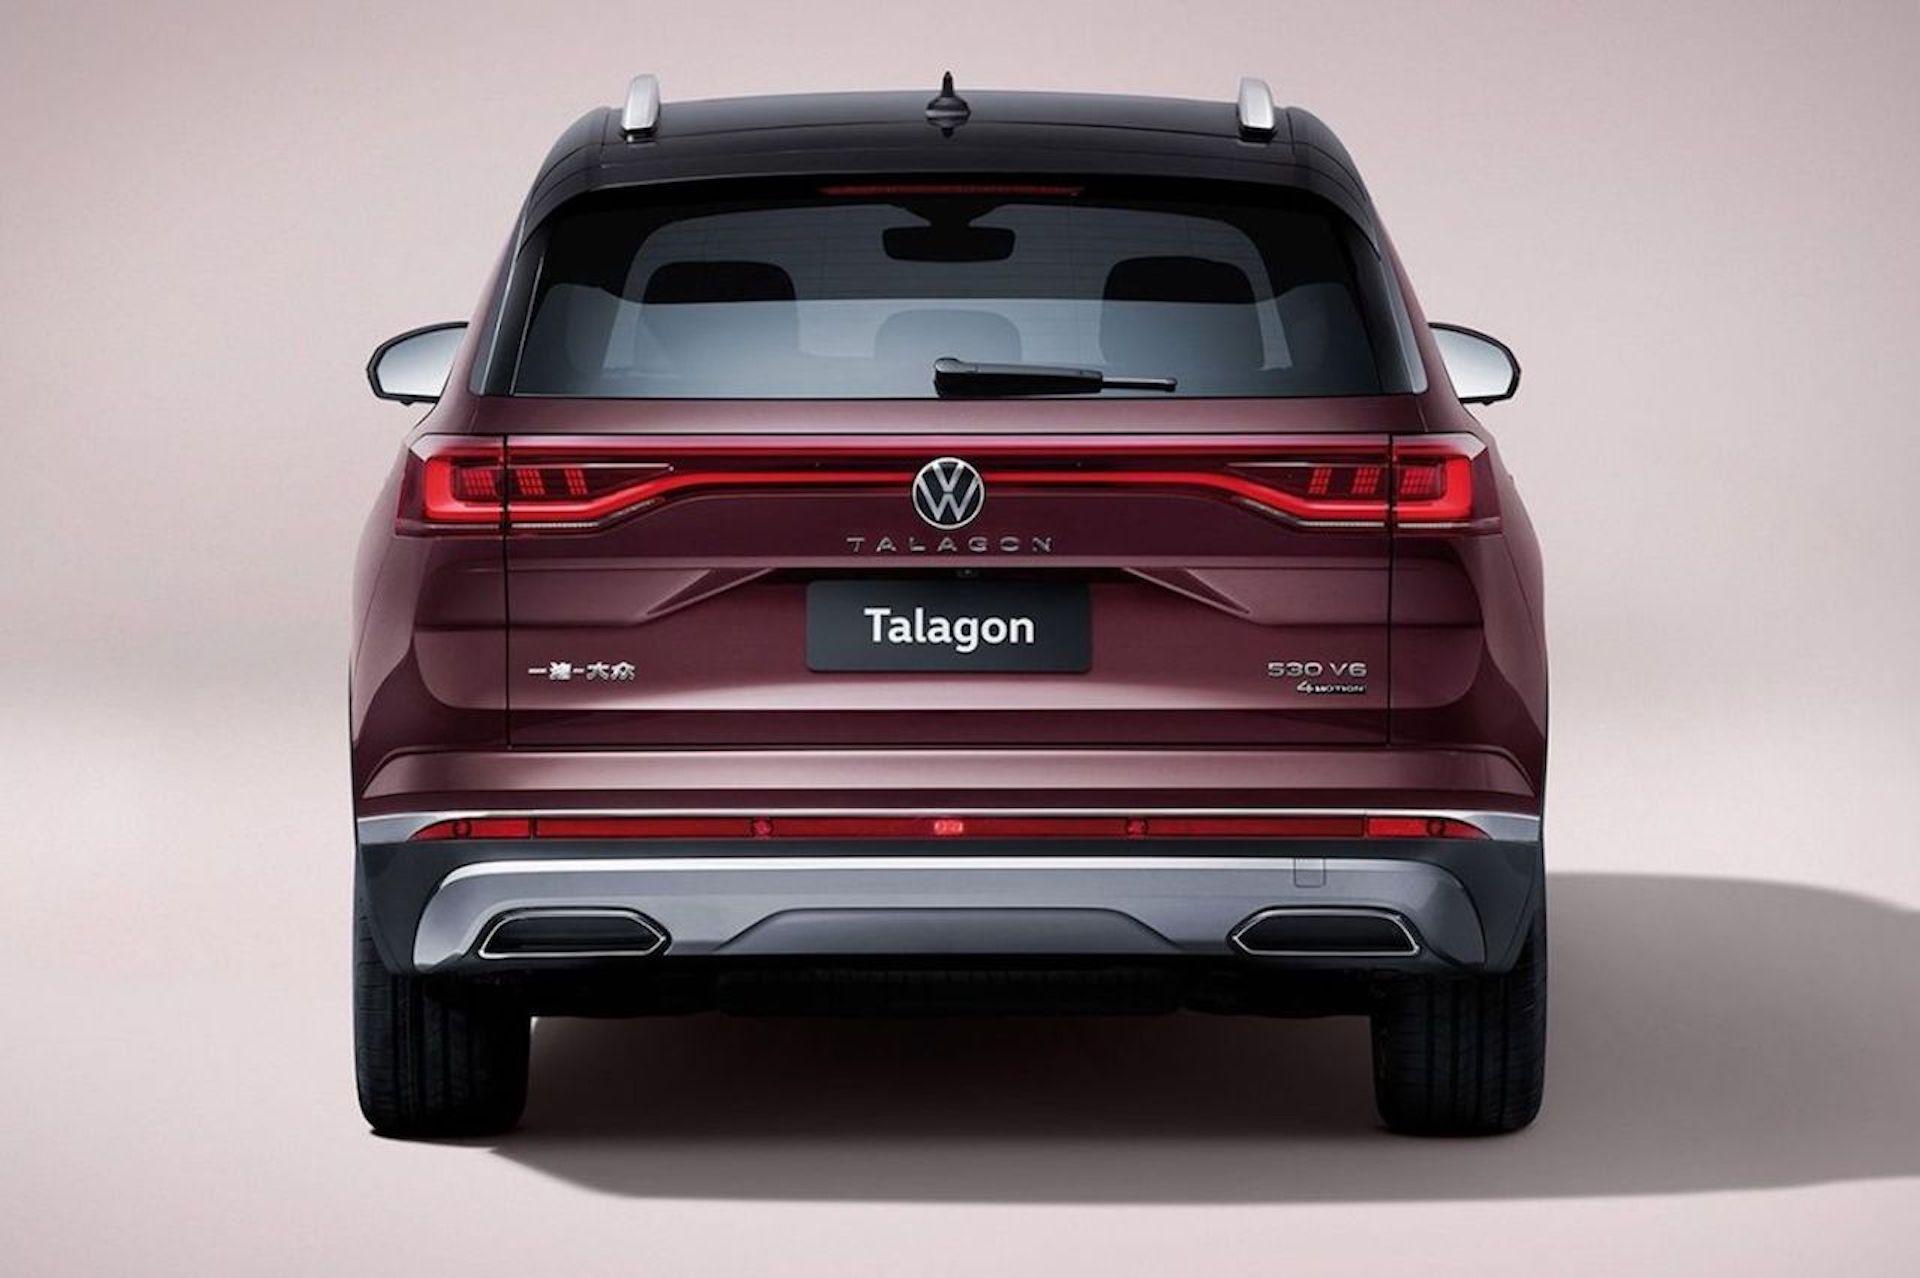 Volkswagen Motor Vr6 China 3